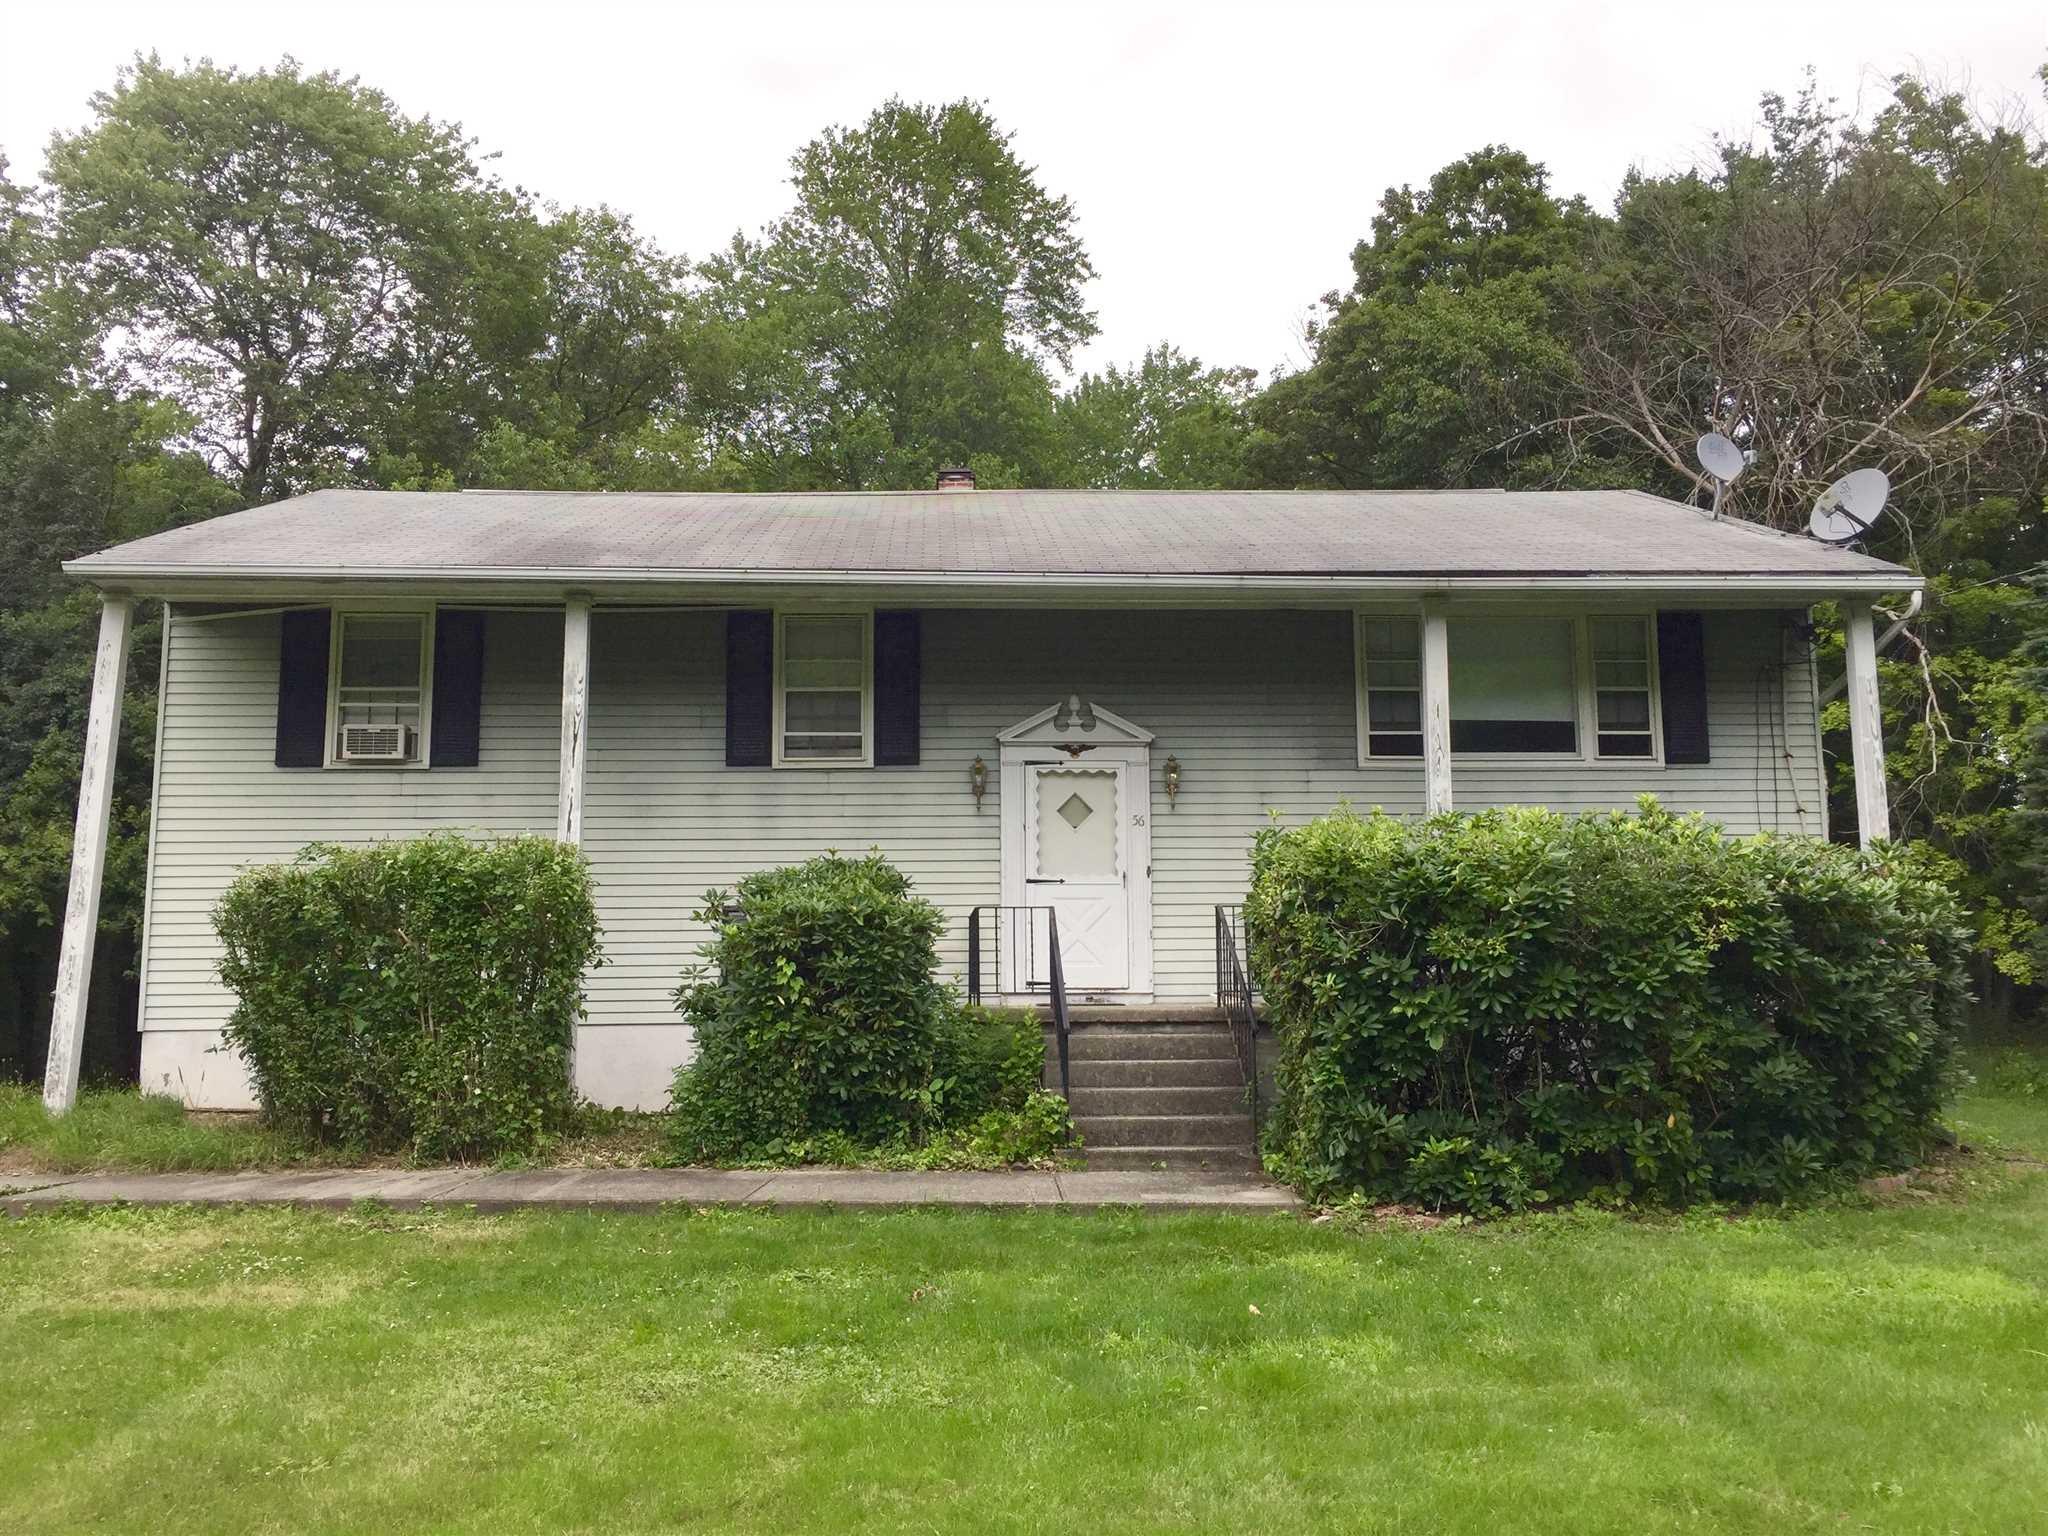 56 HOOFPRINT RD, Union Vale, NY 12545